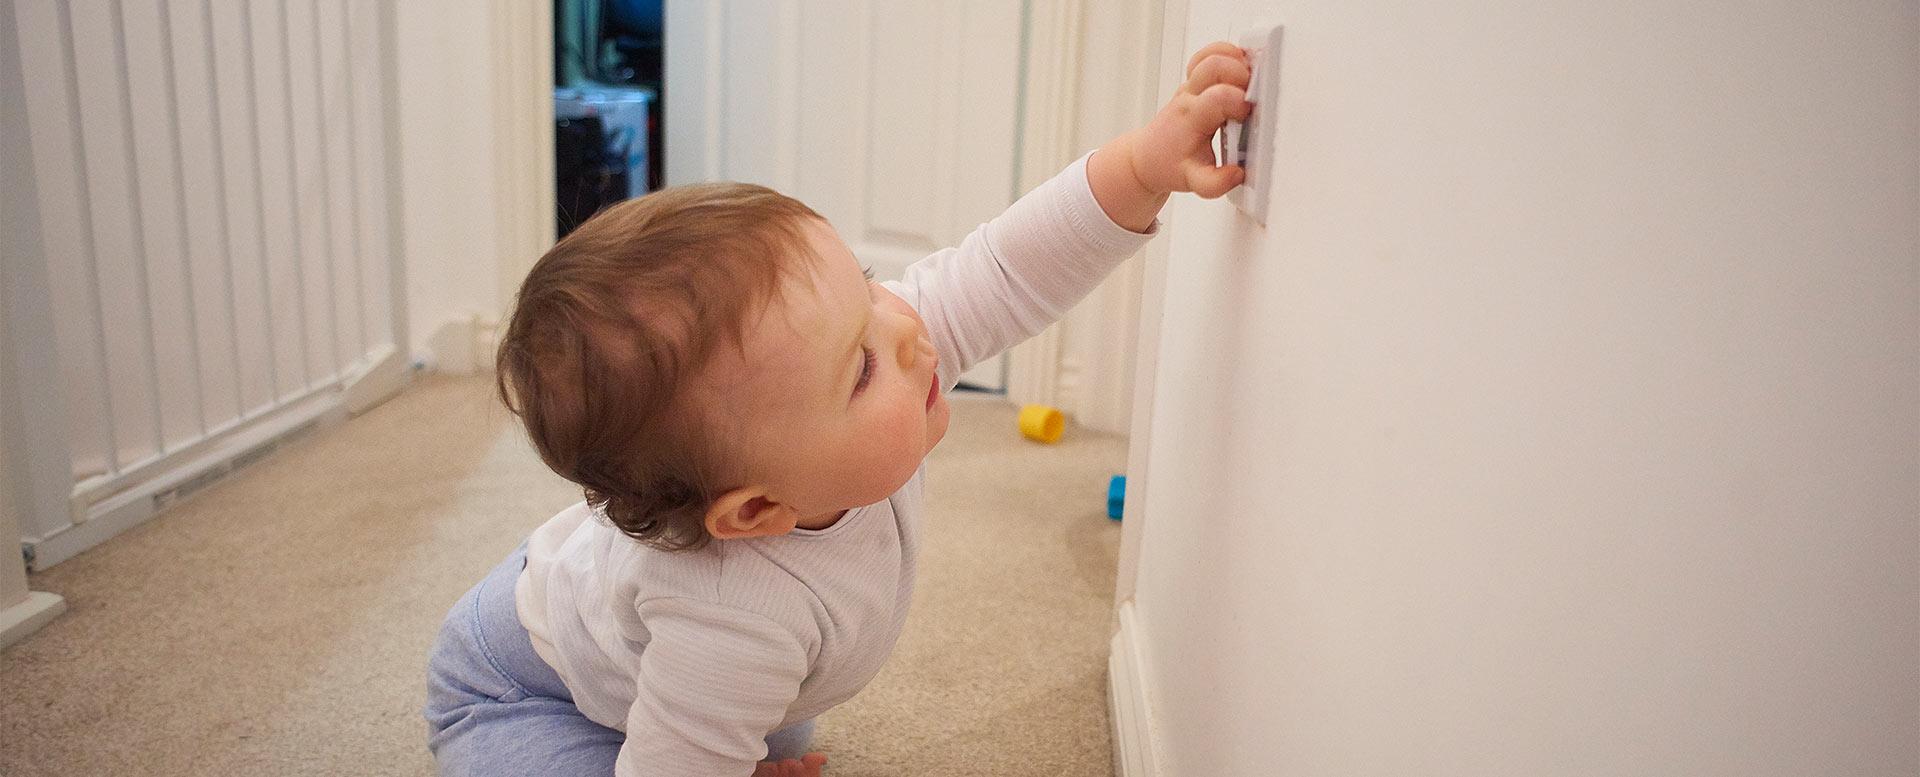 Kindersicherung für Steckdosen